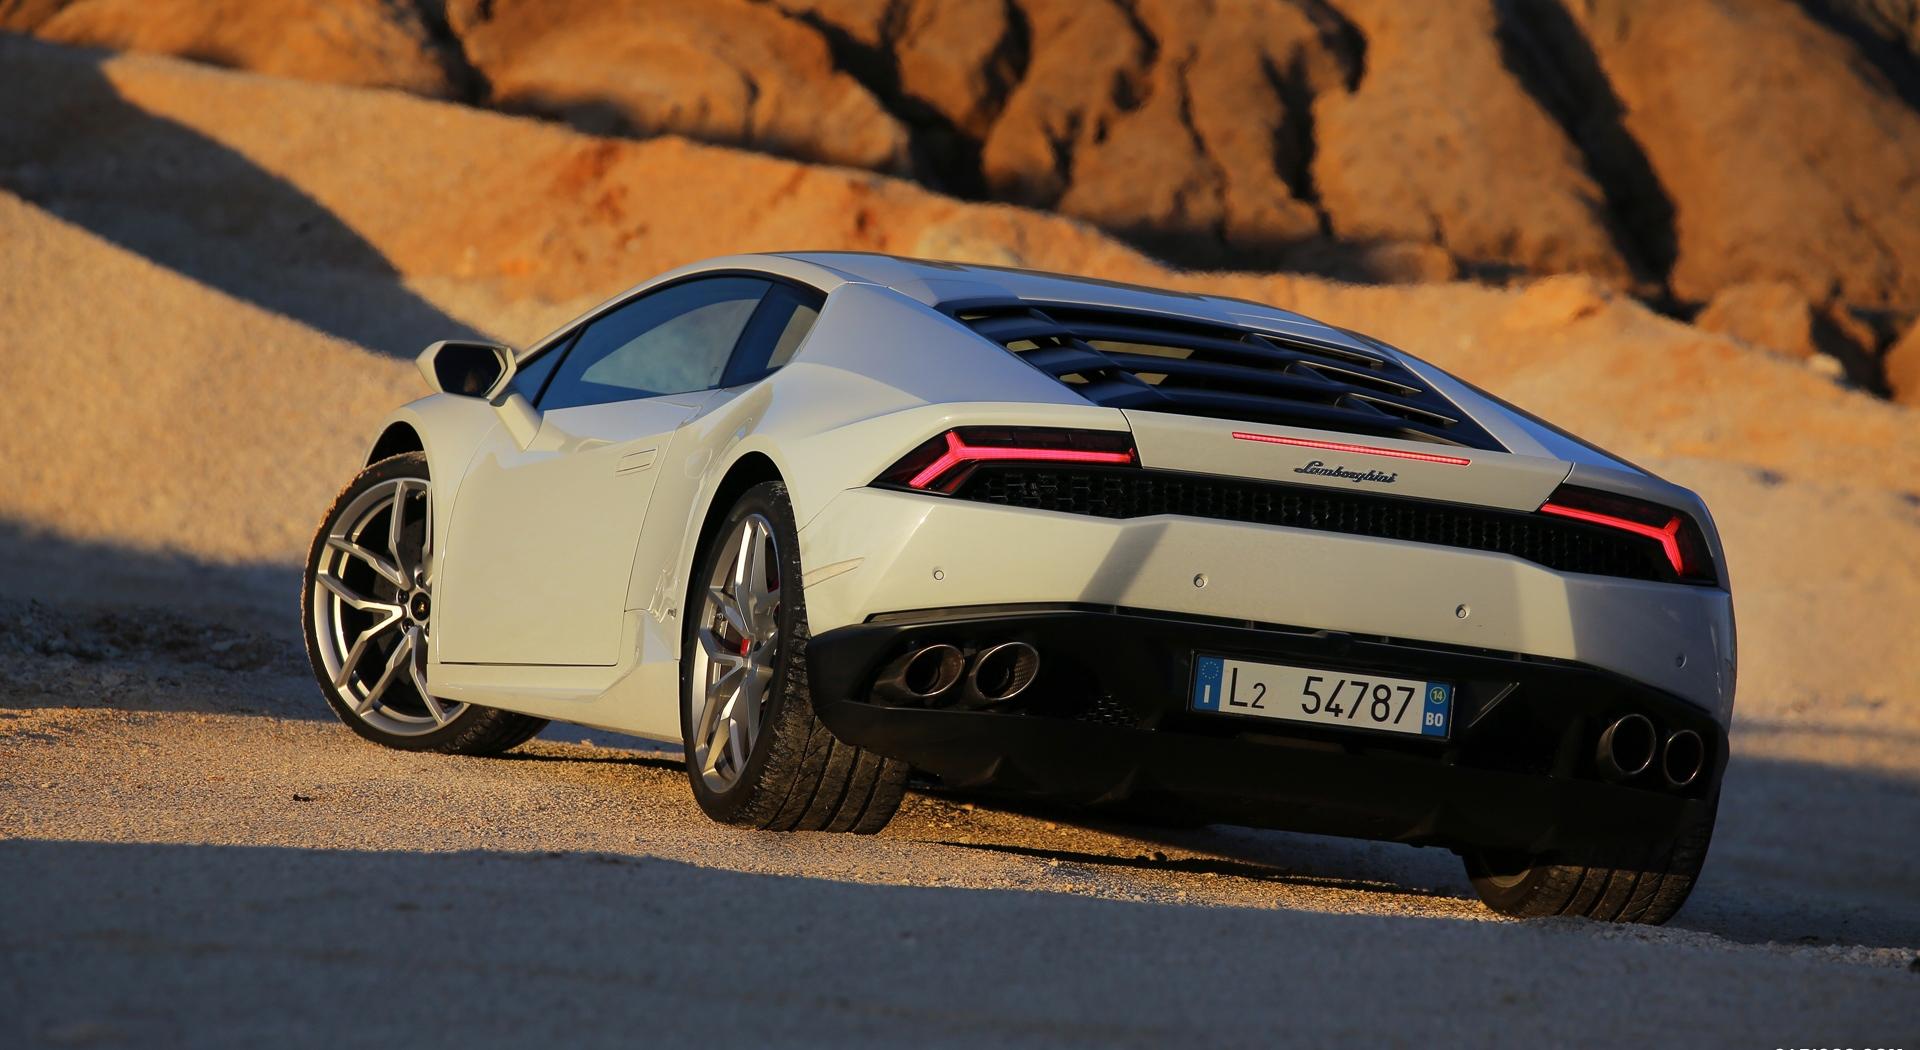 Lamborghini Huracan specs